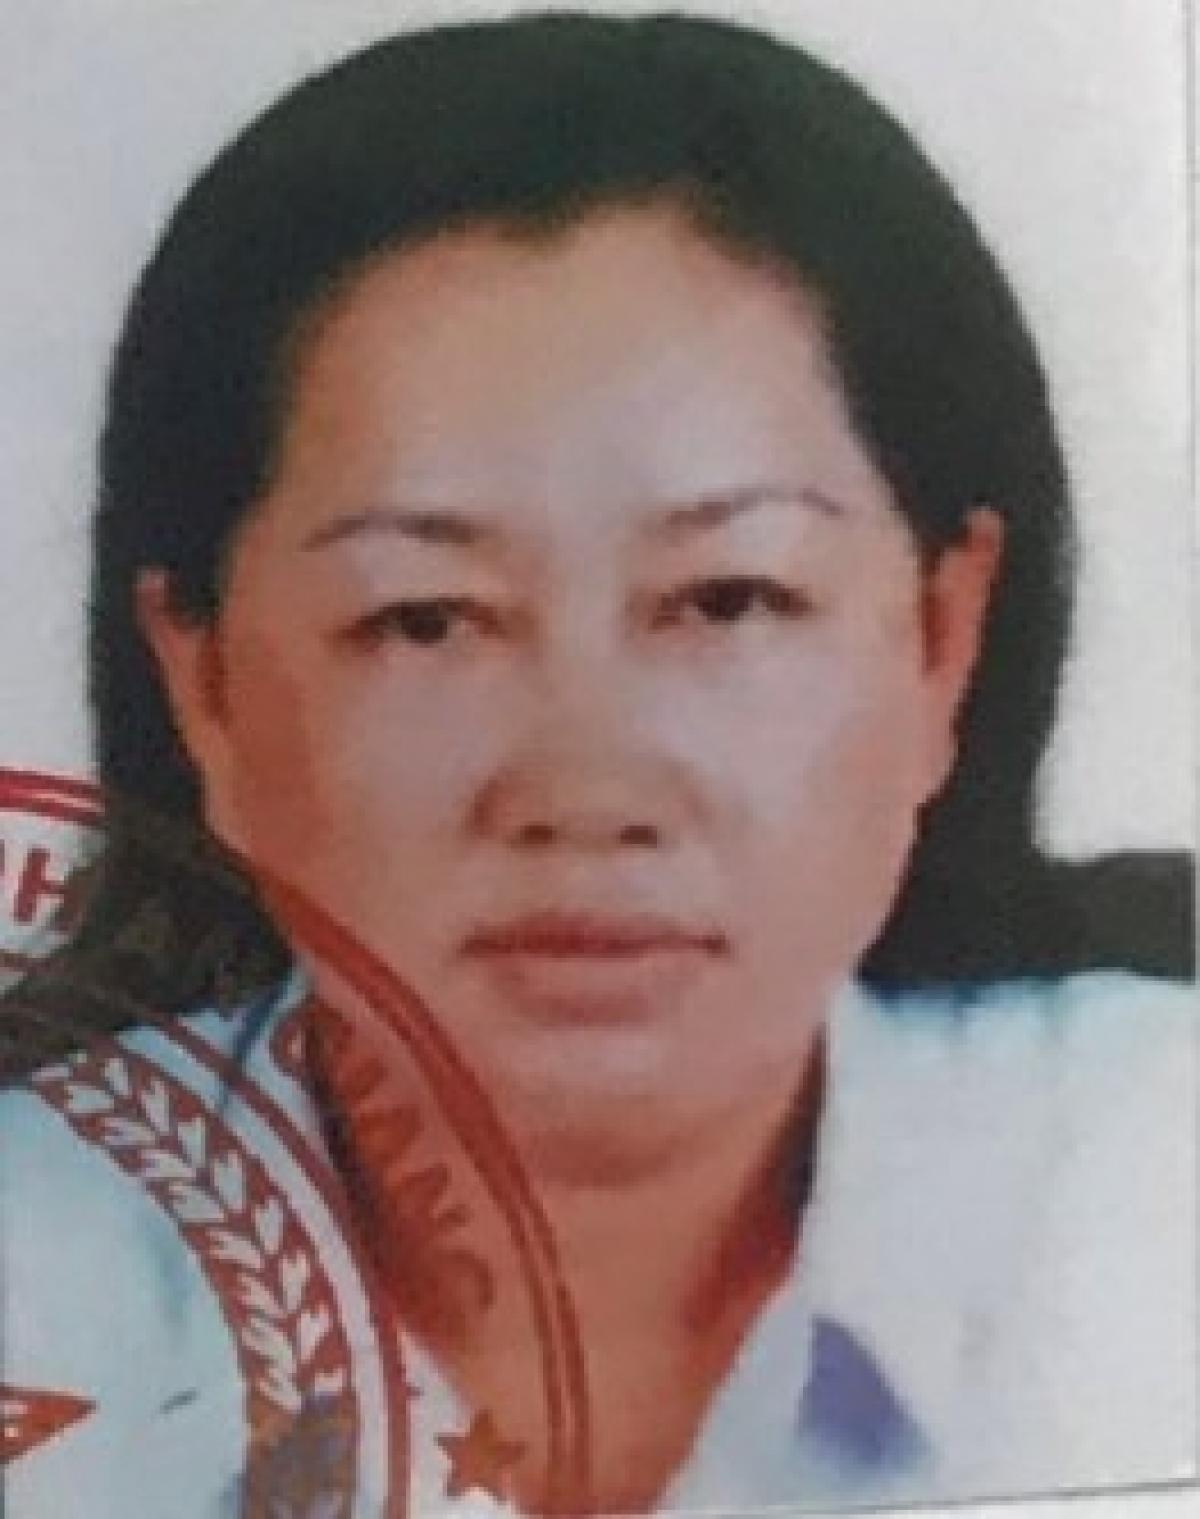 Nguyễn Thị Kim Hạnh (Mười Tường).